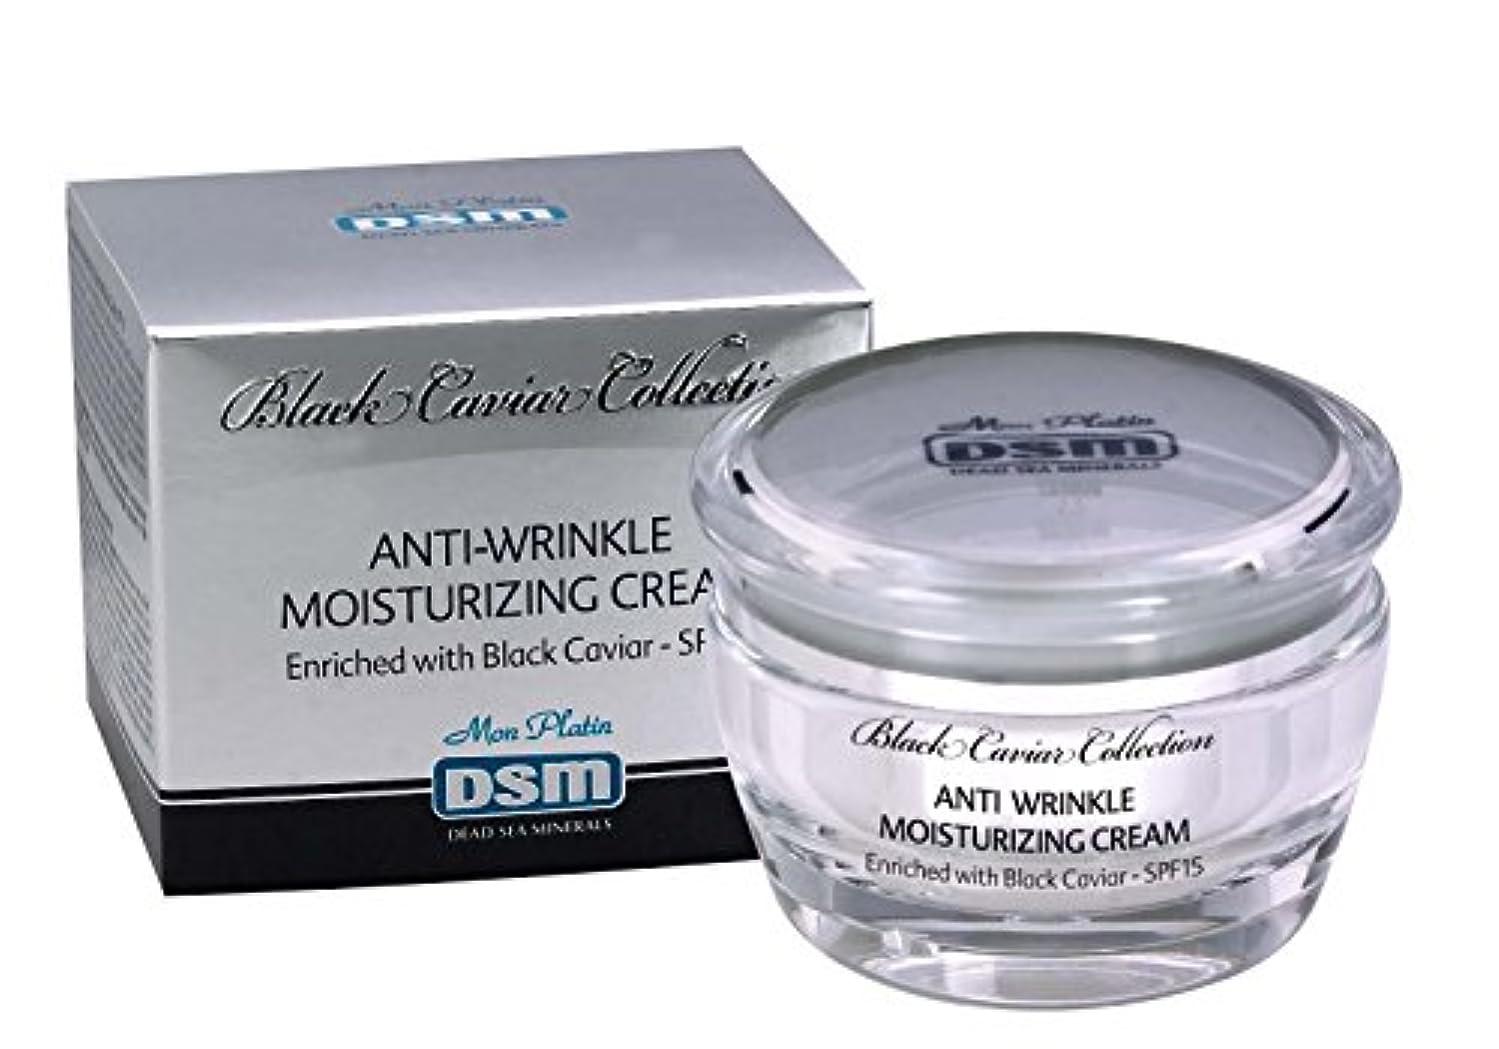 取り付け穿孔するキャッチ皺取りしっとり湿潤クリーム 黒キャビア SPF15 死海ミネラル50mL Mon Platin 全皮膚タイプ ミネラル お顔 (Anti-Wrinkle Moisturizing Cream with Black Caviar SPF 15)